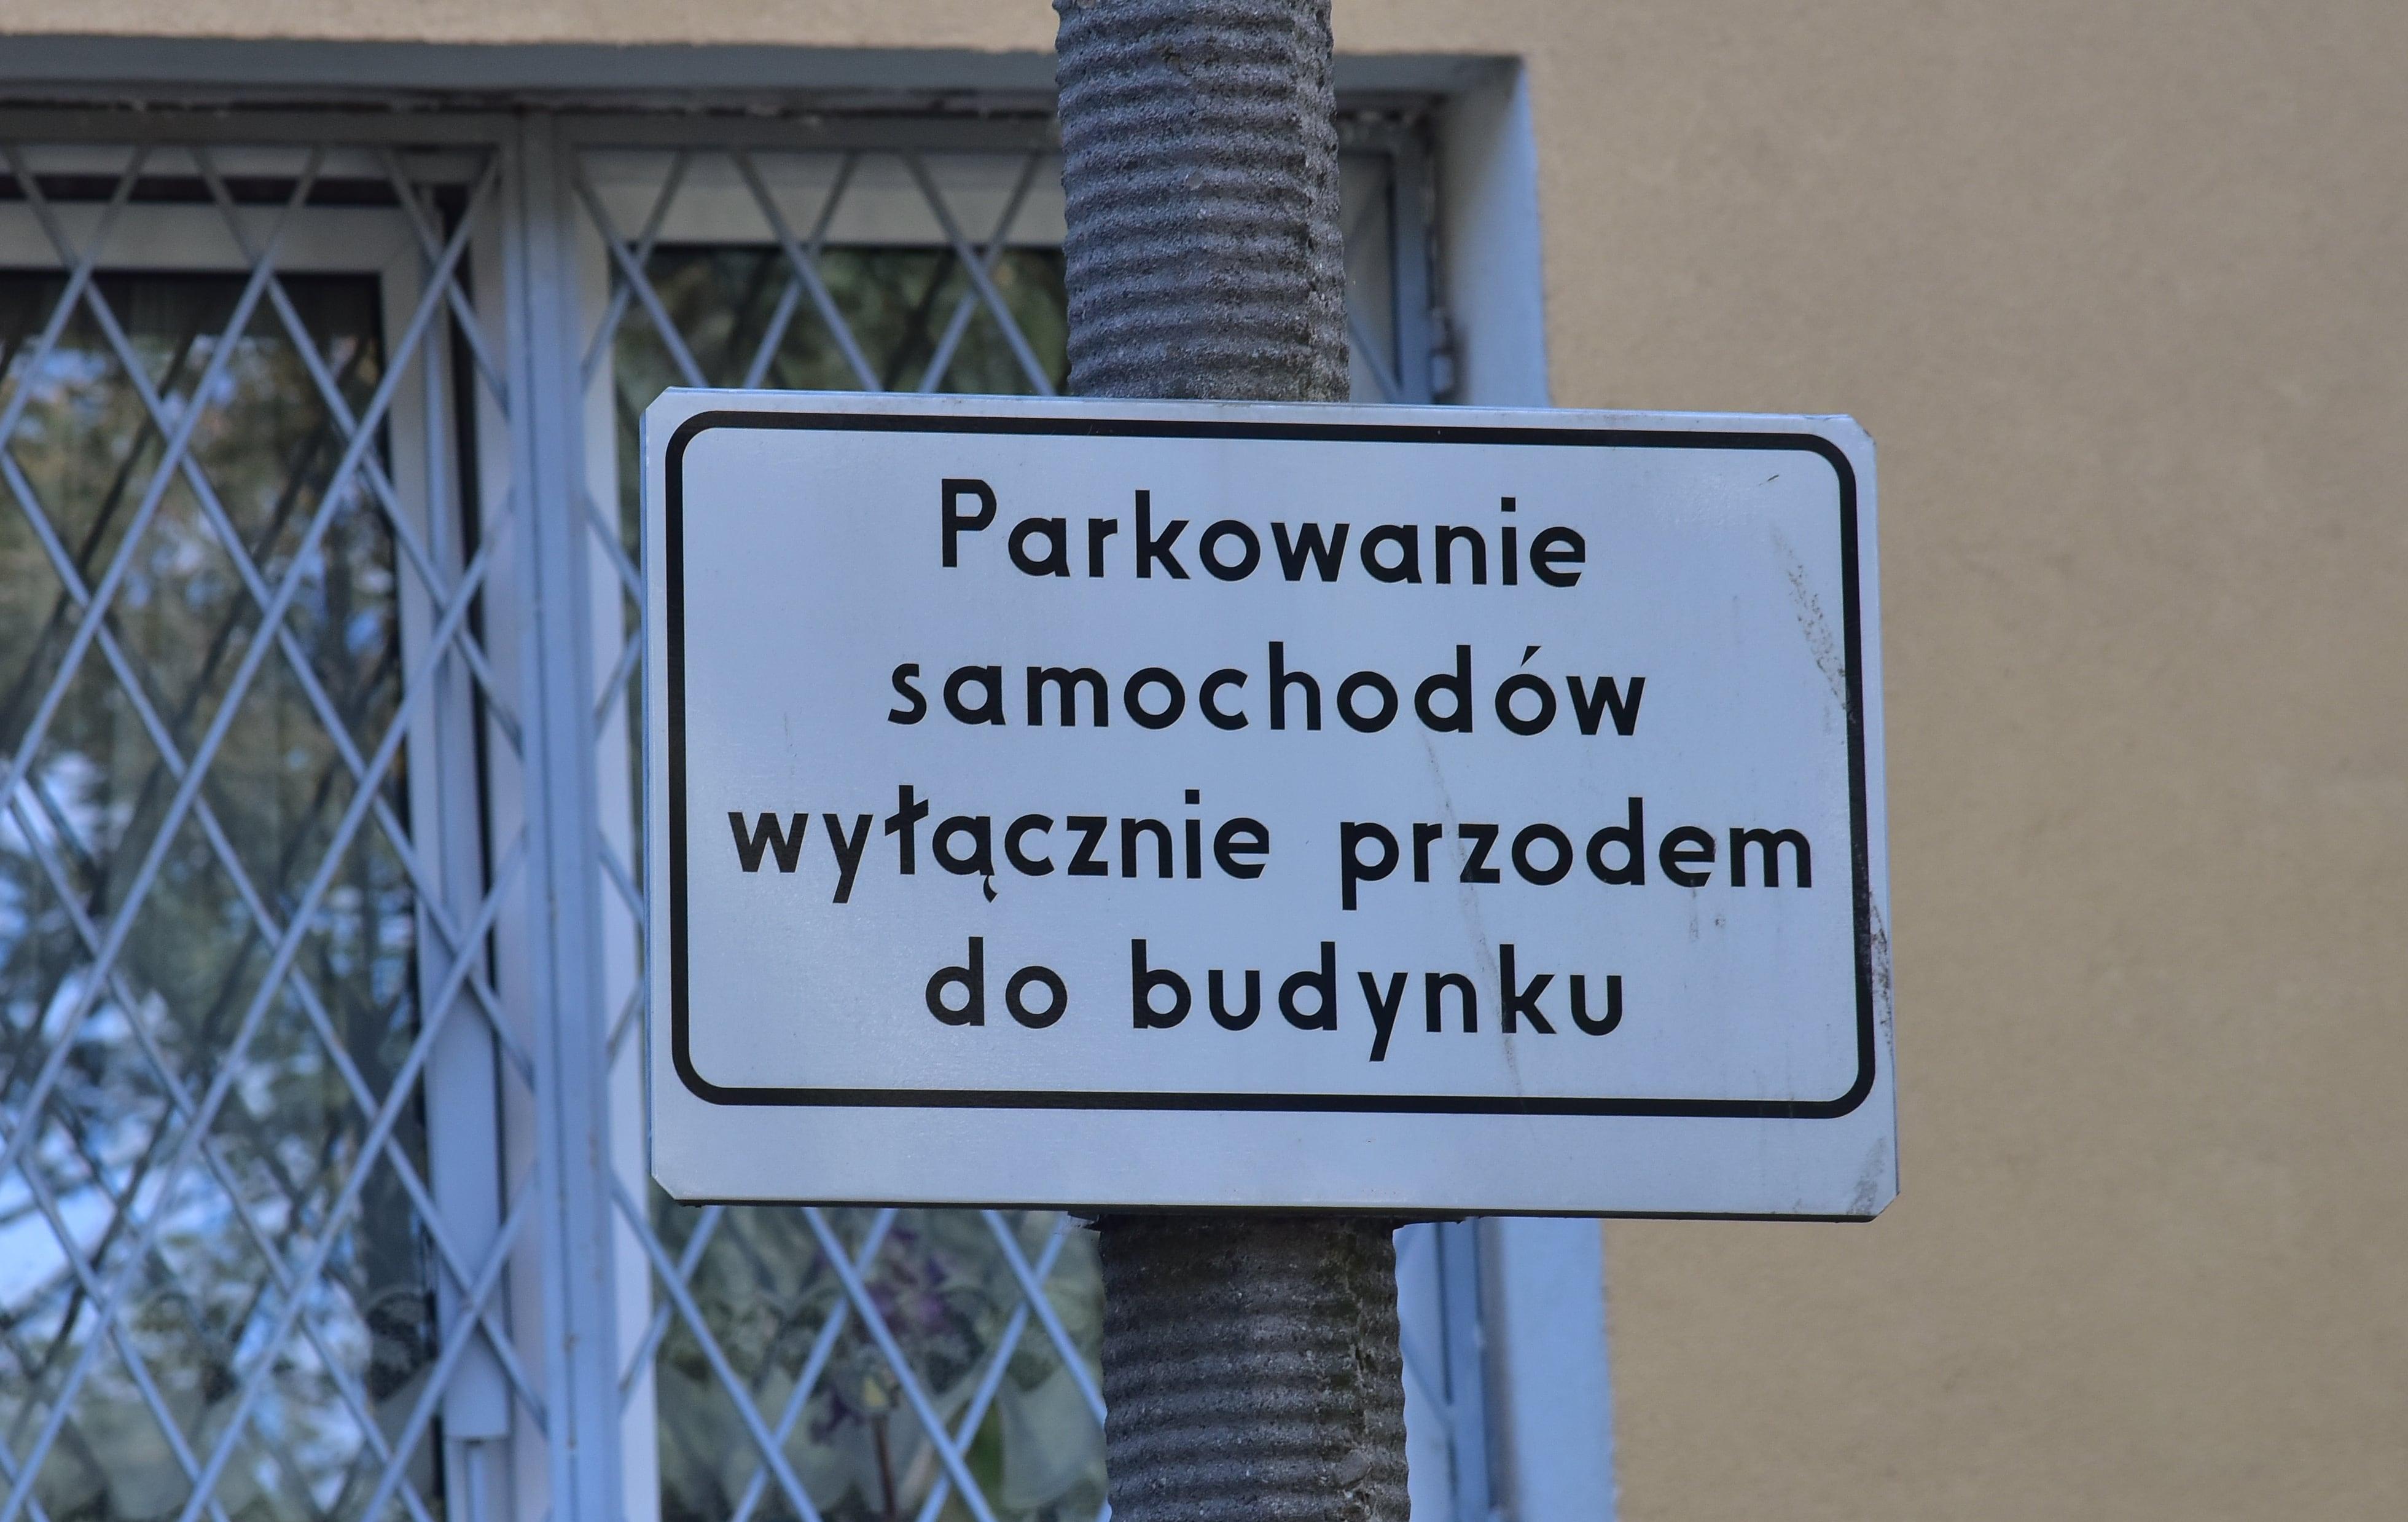 znak parkowanie samochodów wyłącznie przodem biały